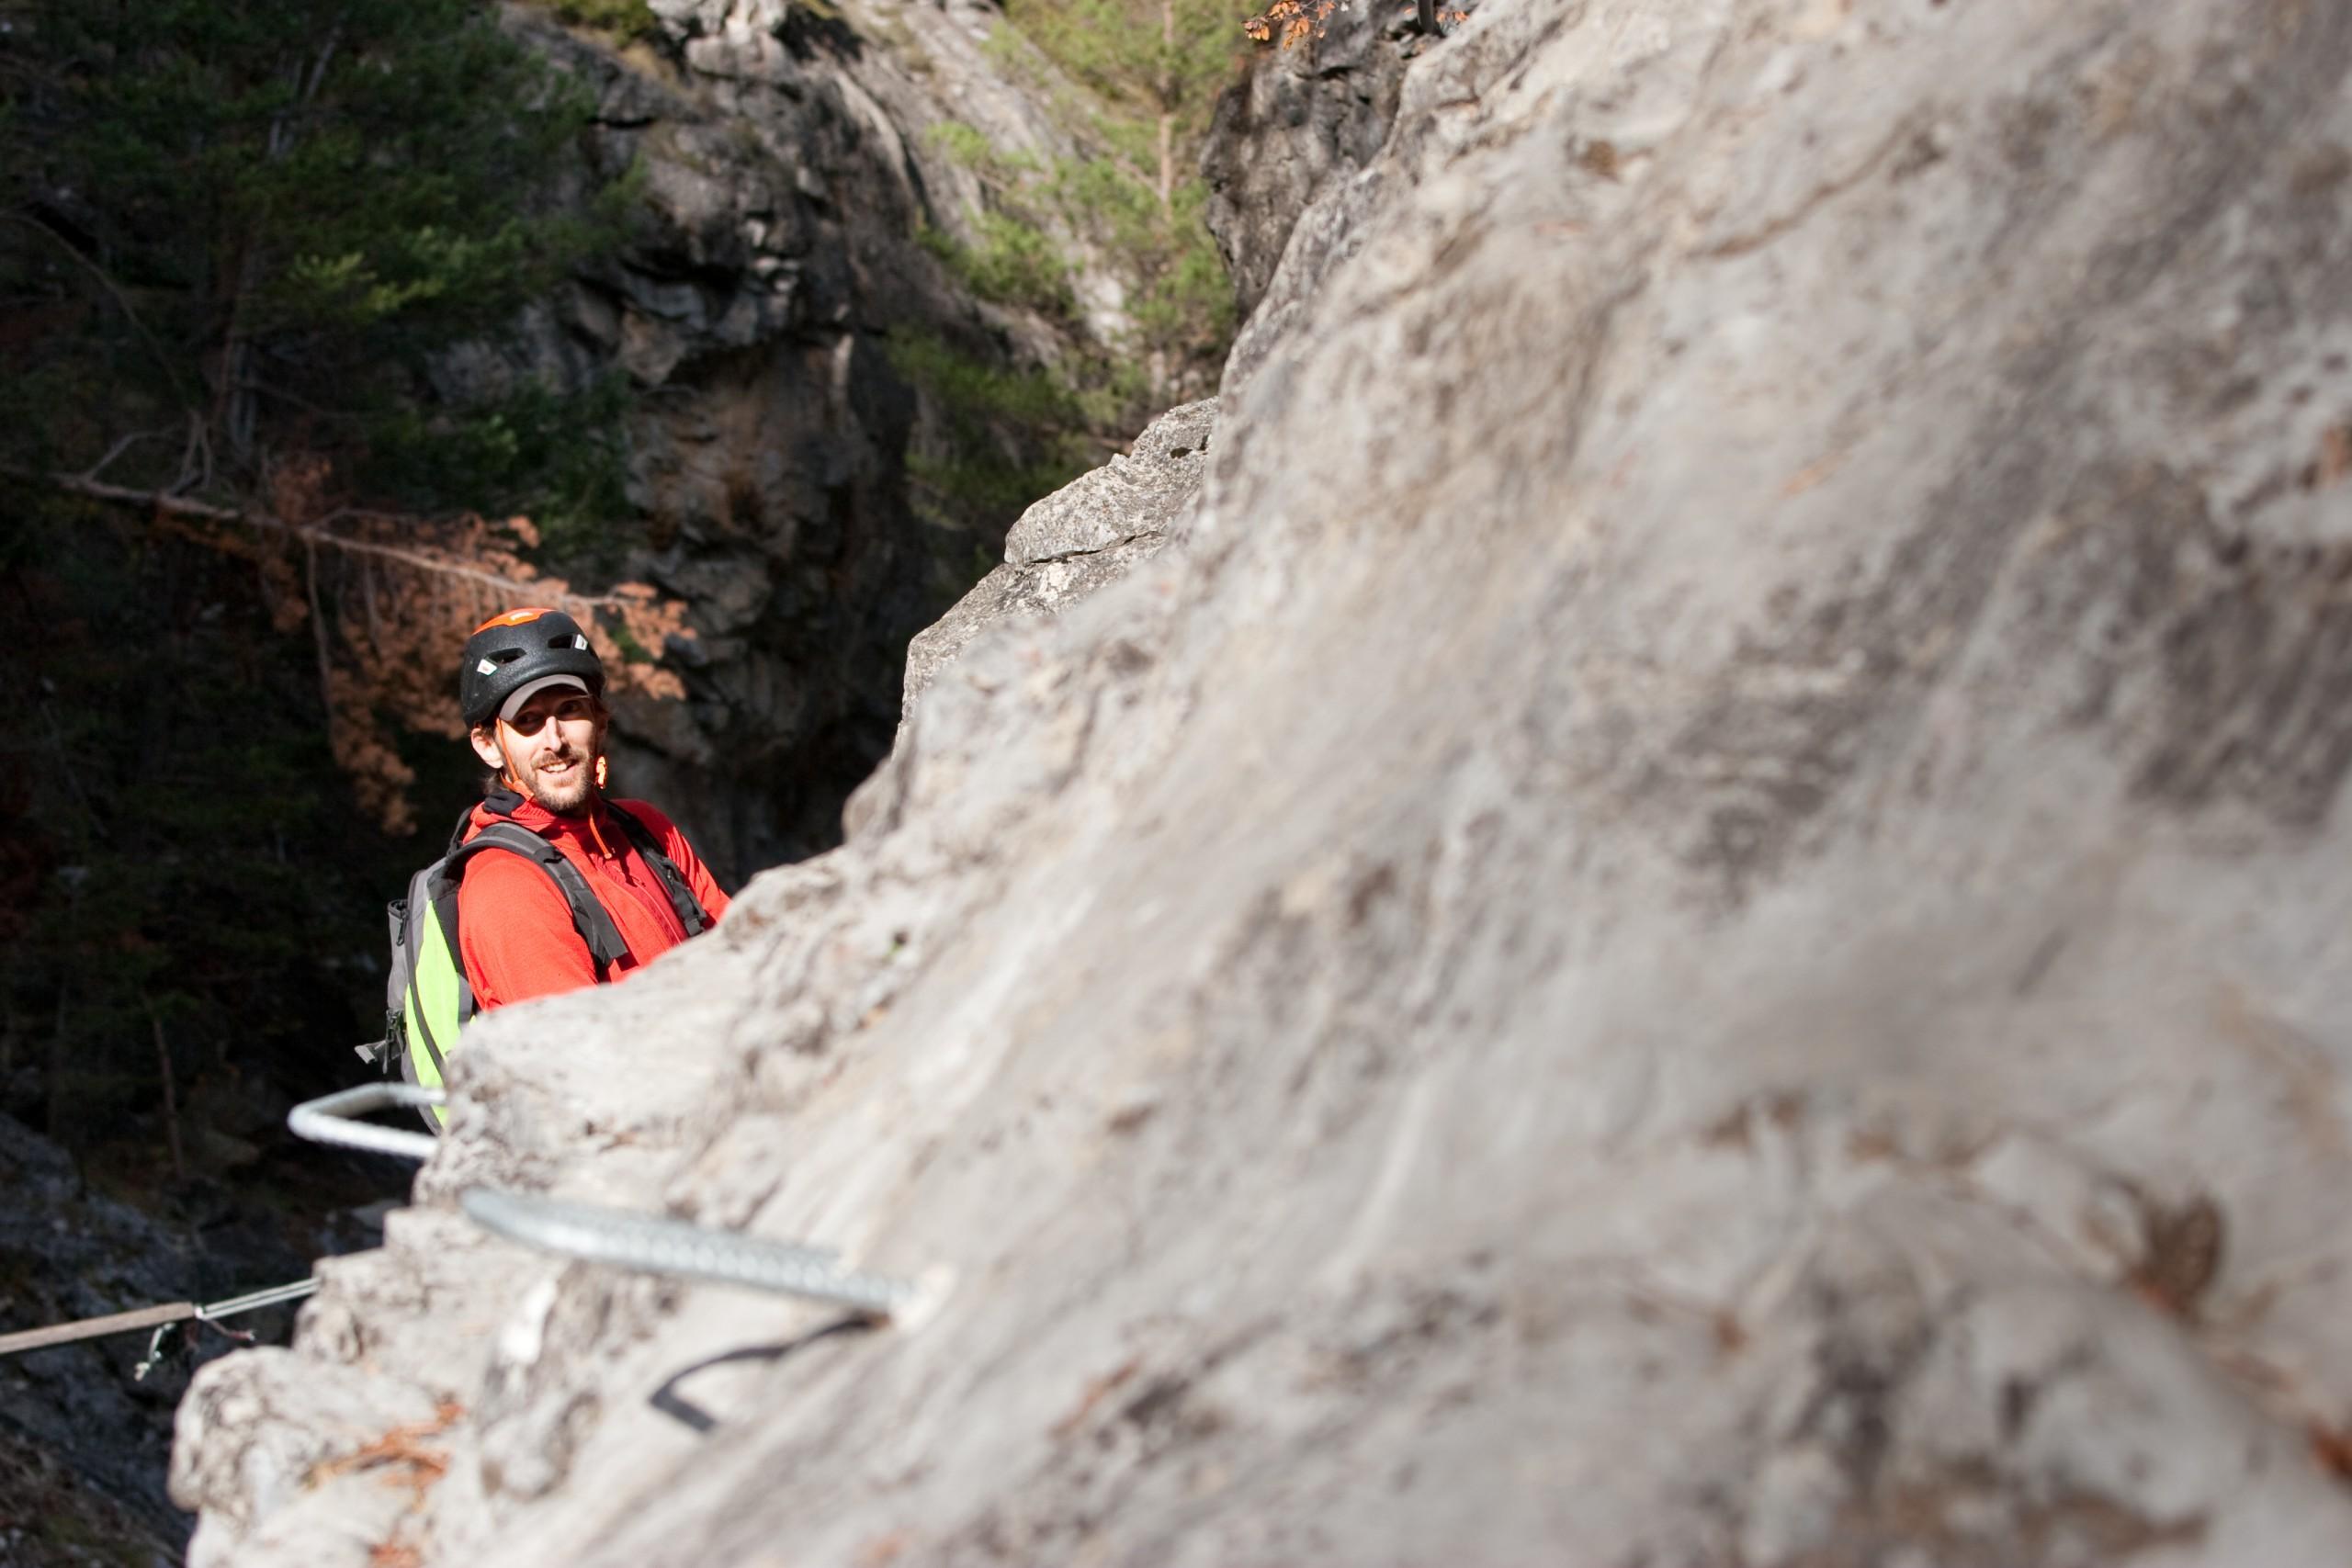 le guide de haute montagne dans la via ferrata de chateau queyras